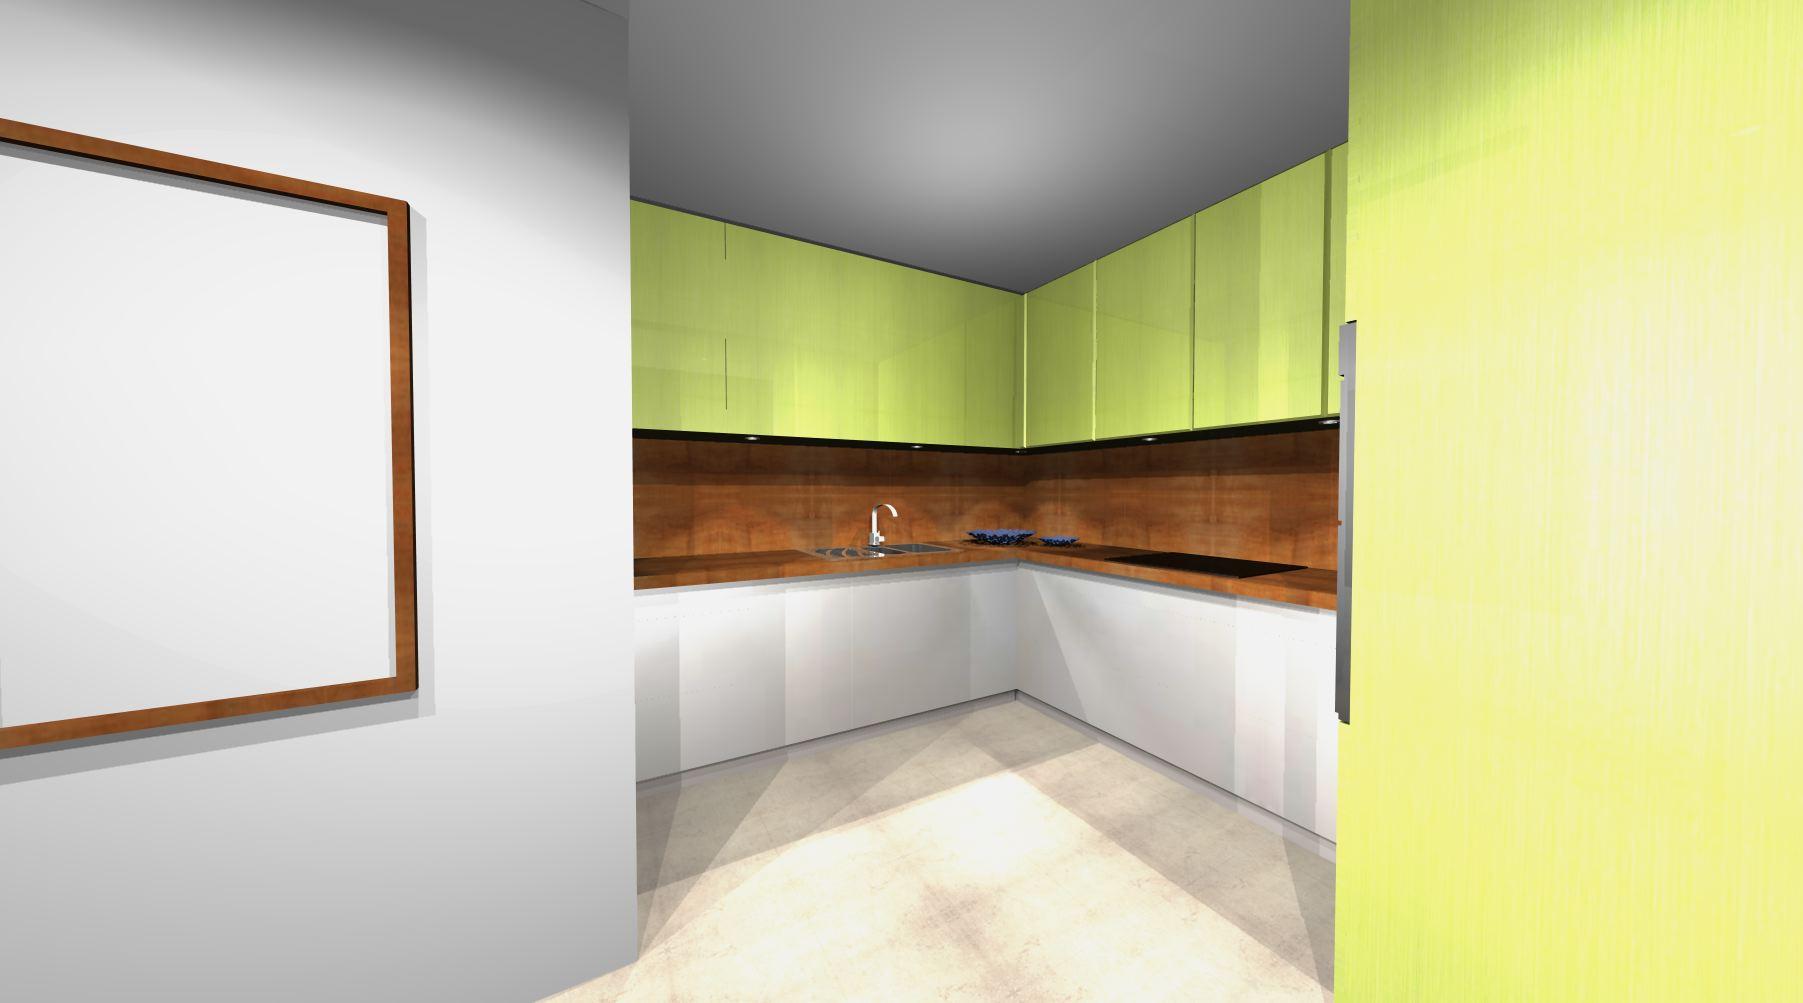 Projekty Kuchni > Aranżacje Kuchni -> Kuchnia Na Wymiar Zielona Góra